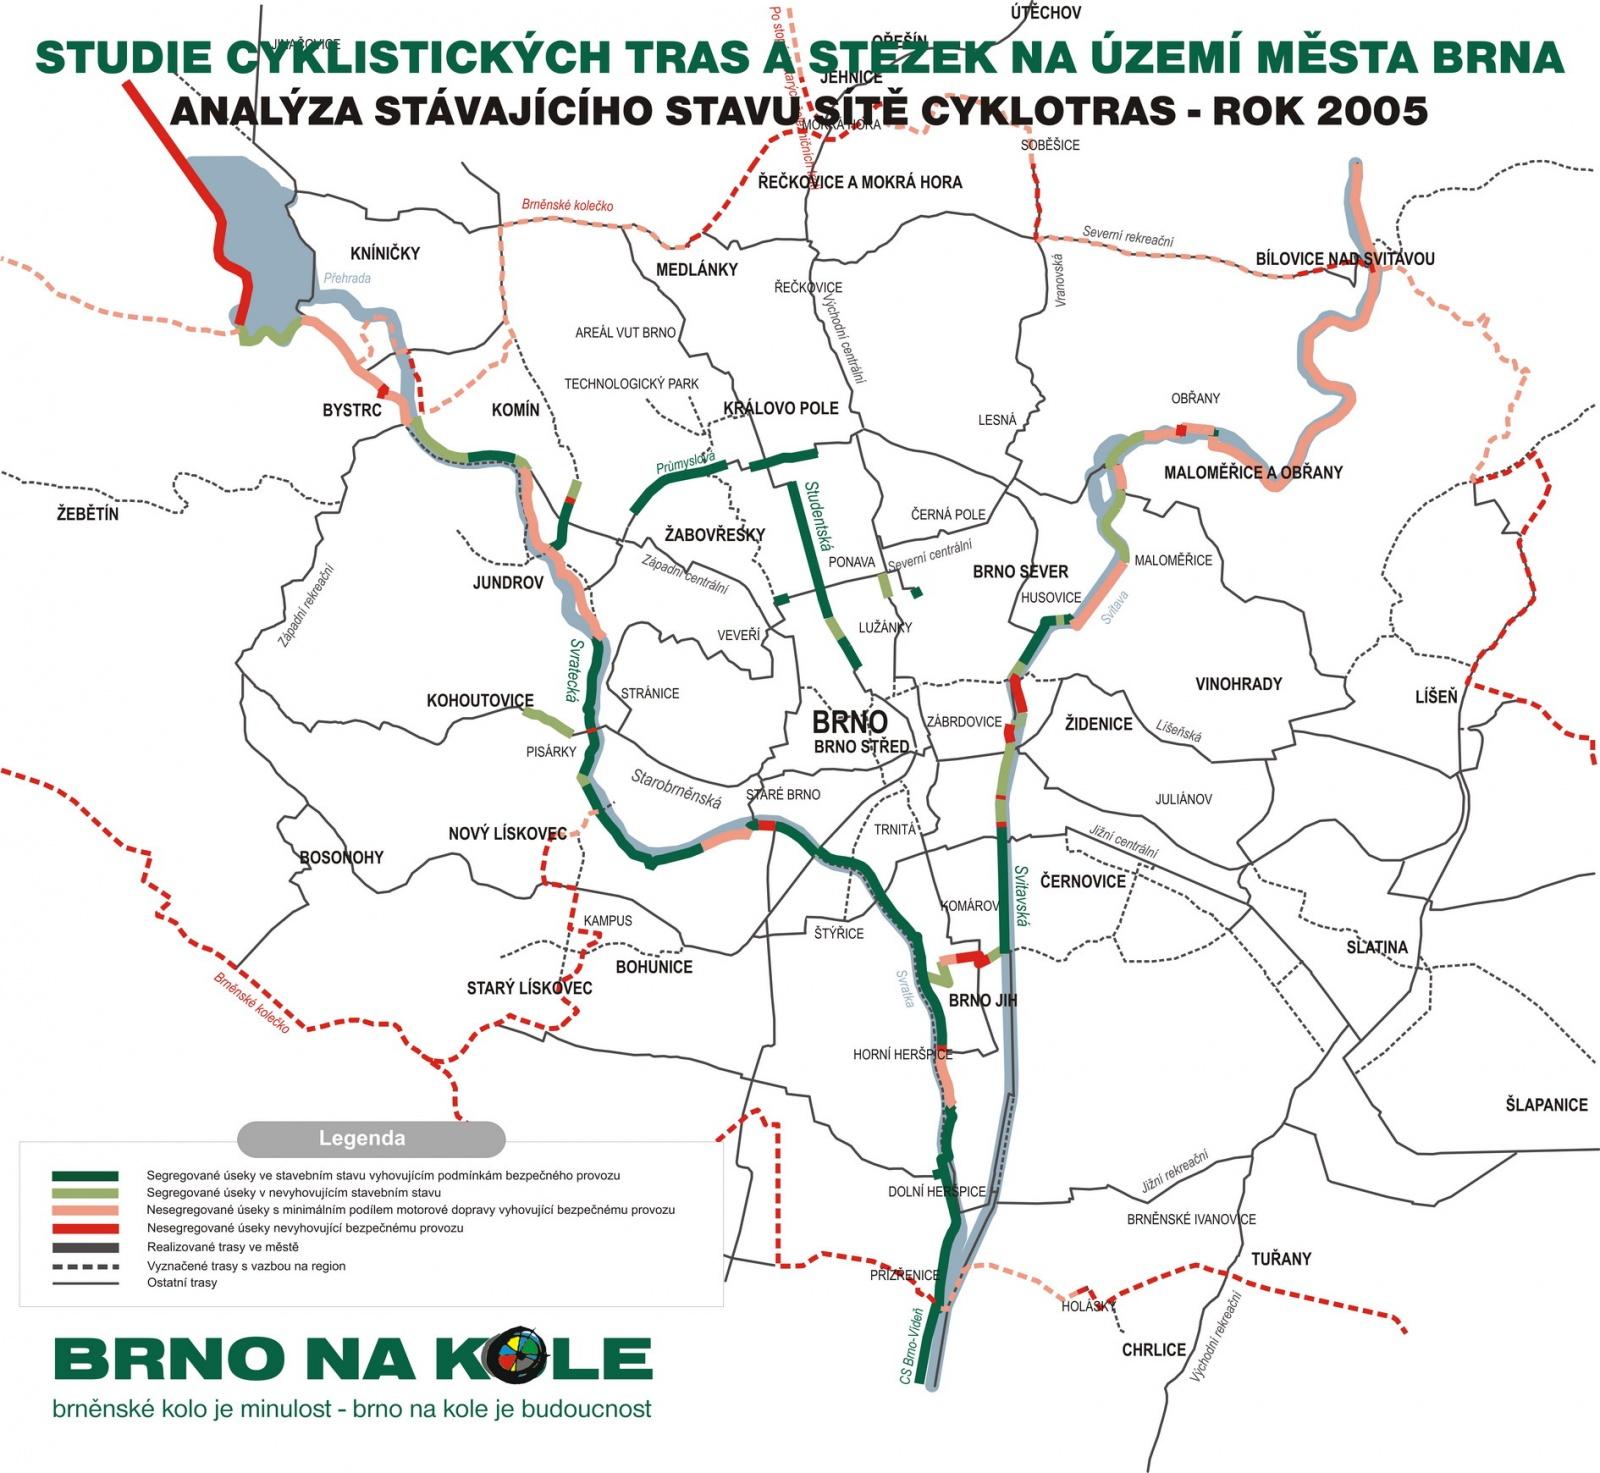 Studie cyklistických tras a stezek na území města Brna